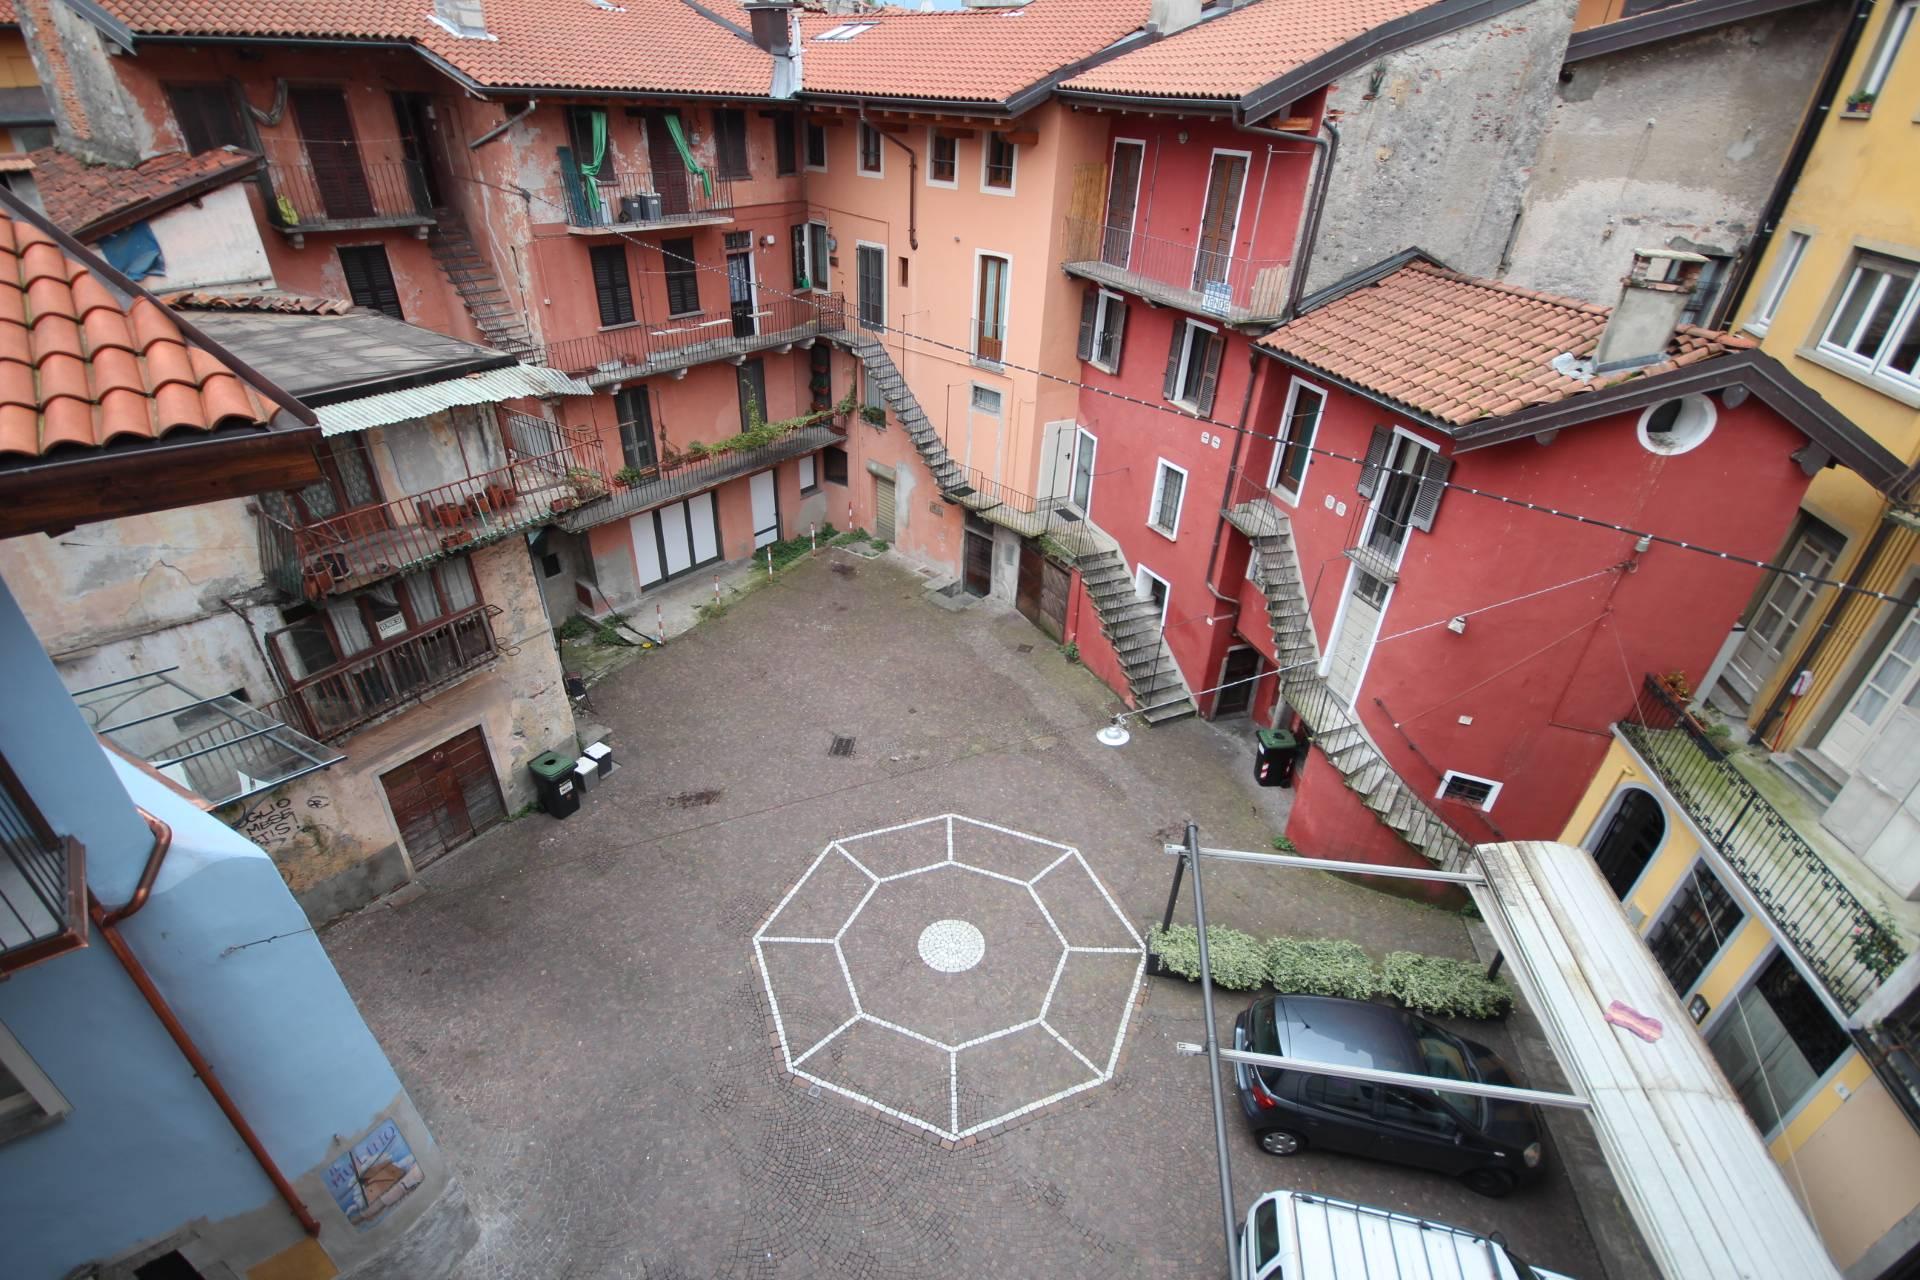 Appartamento in vendita a Verbania, 2 locali, zona Zona: Intra, prezzo € 80.000 | Cambio Casa.it